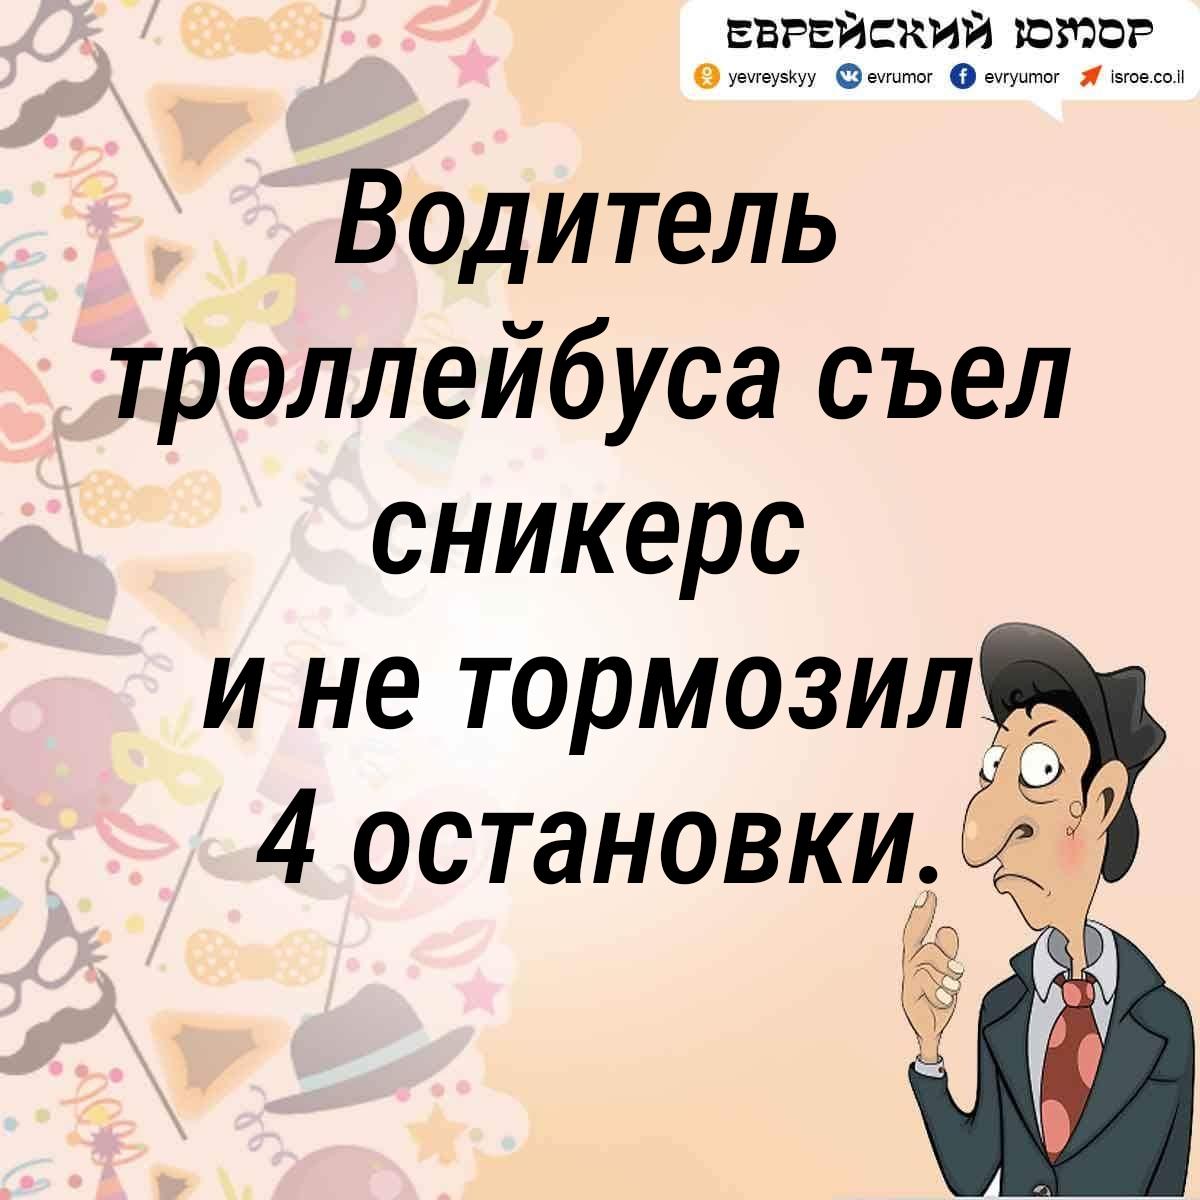 Еврейский юмор. Одесский анекдот. Сникерс